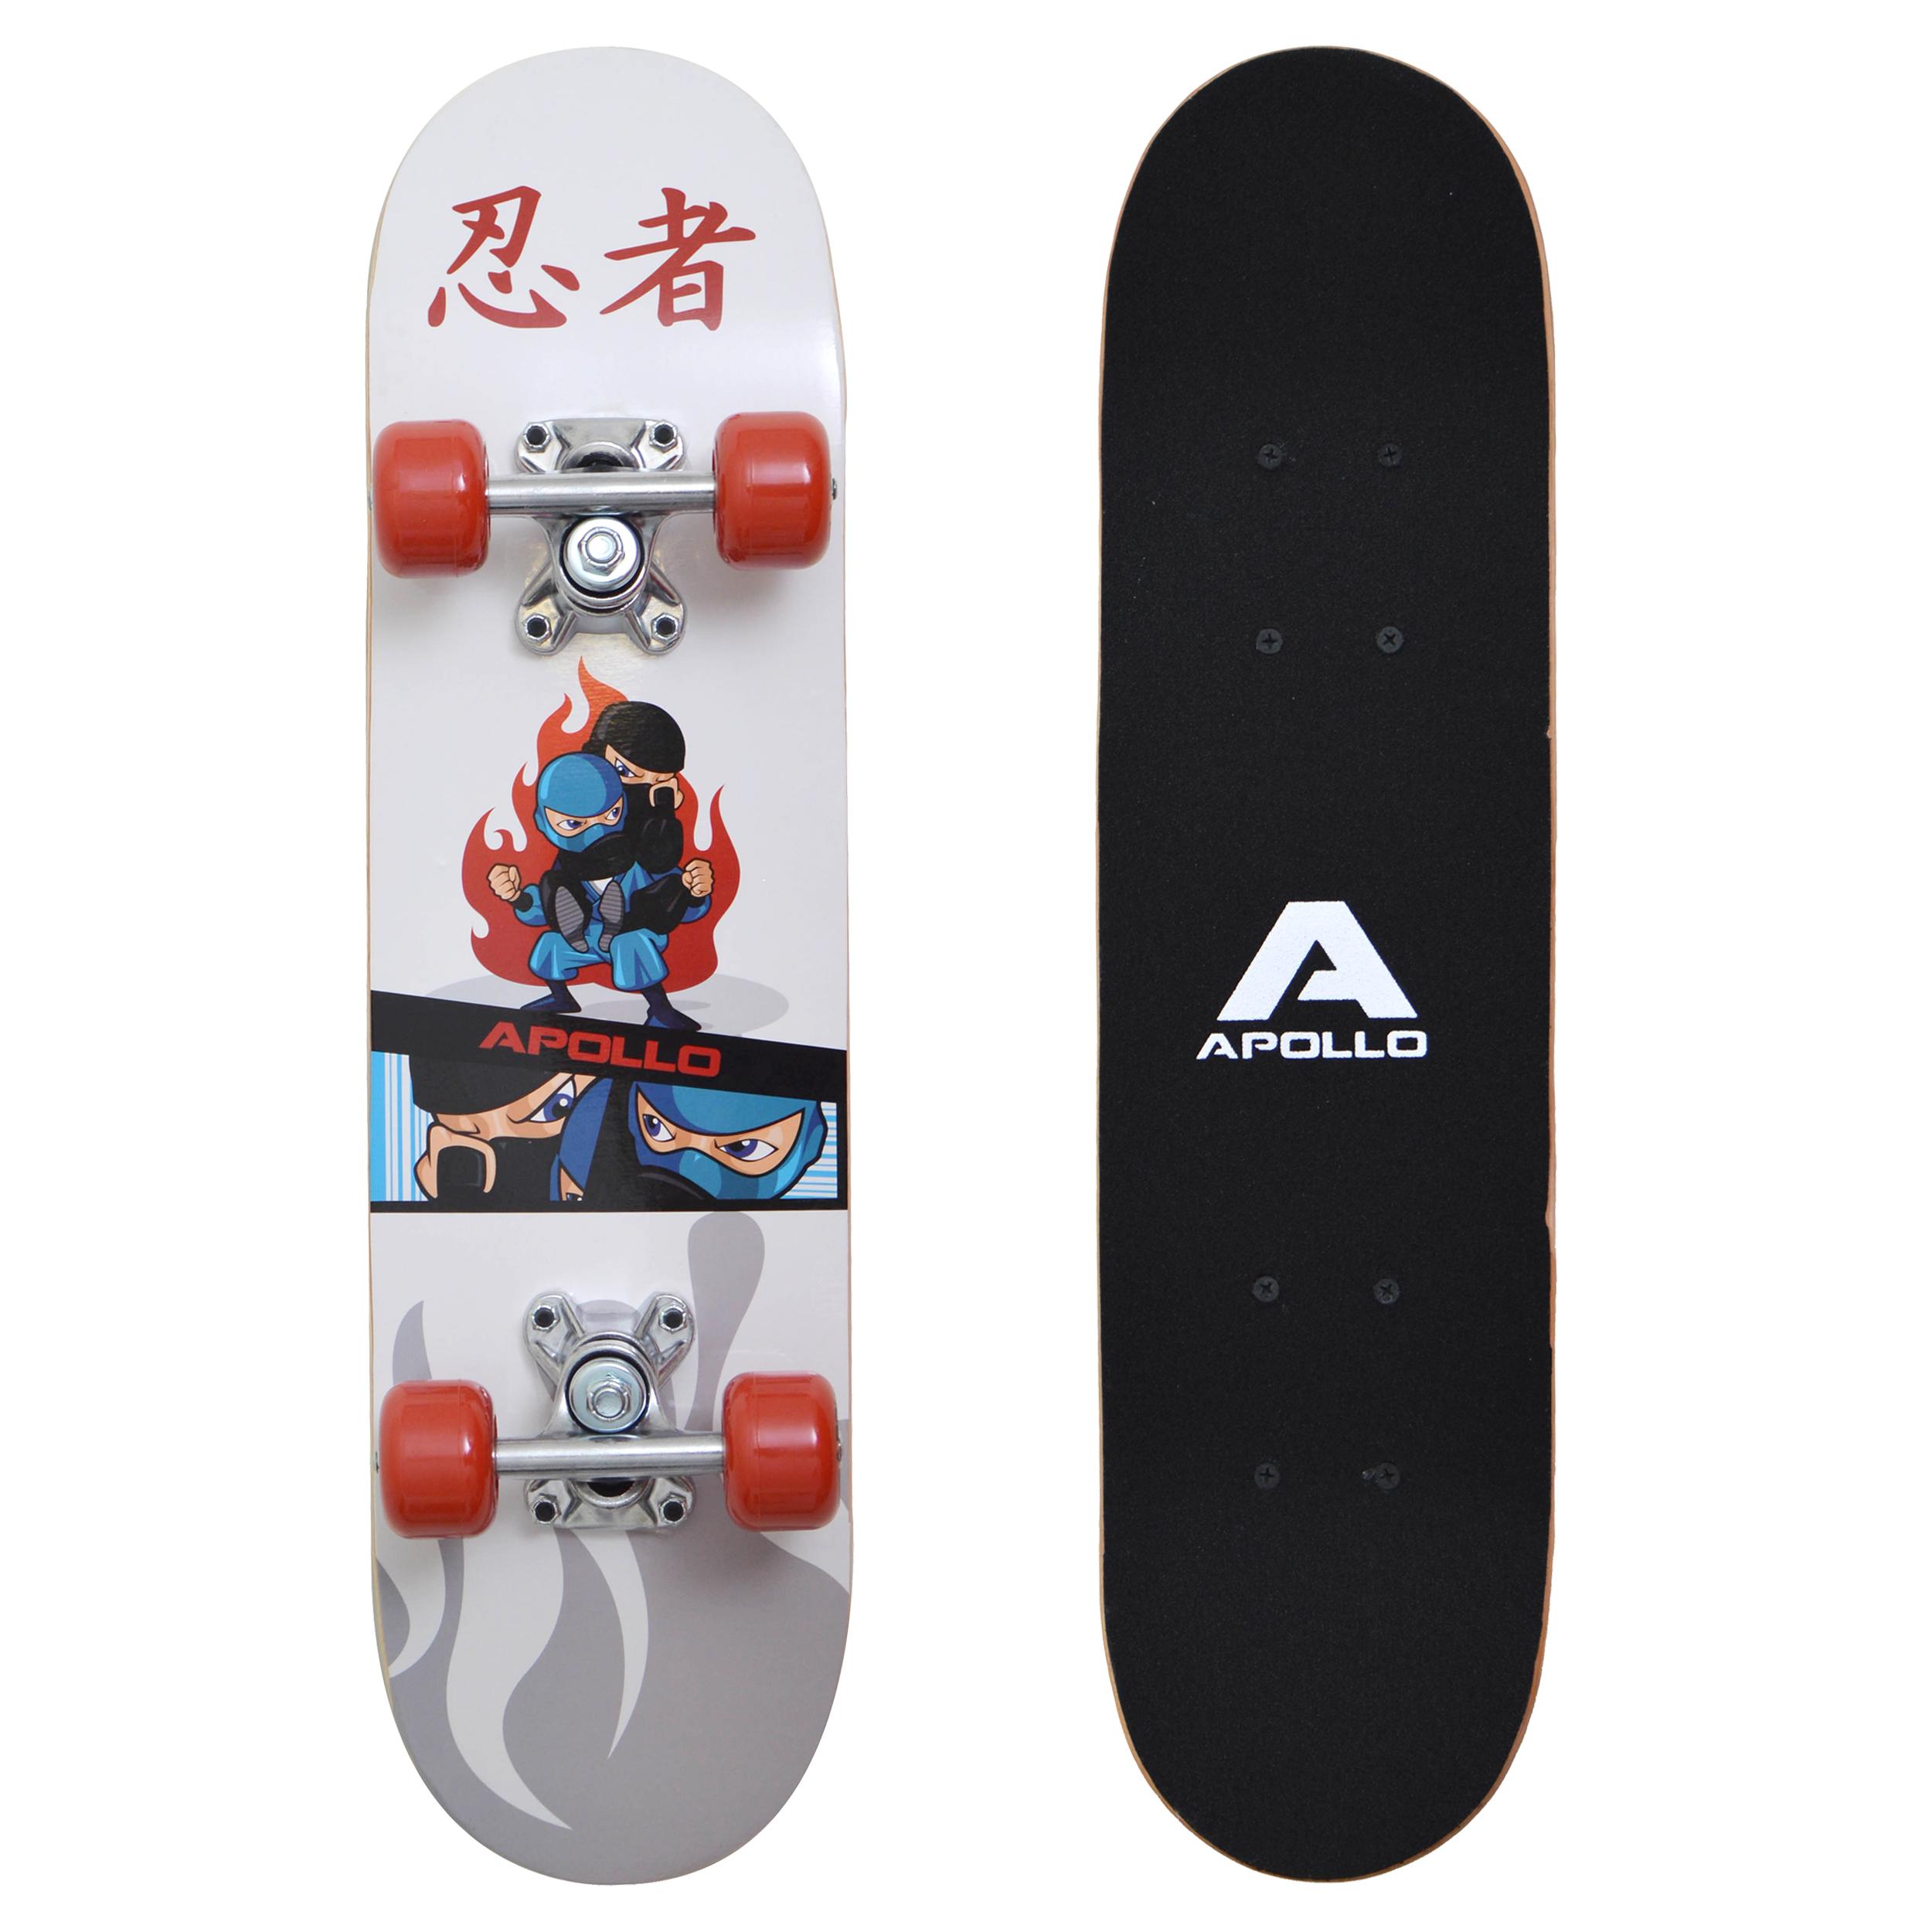 Apollo Skateboard - Ninja - Kinderskateboard 61cm